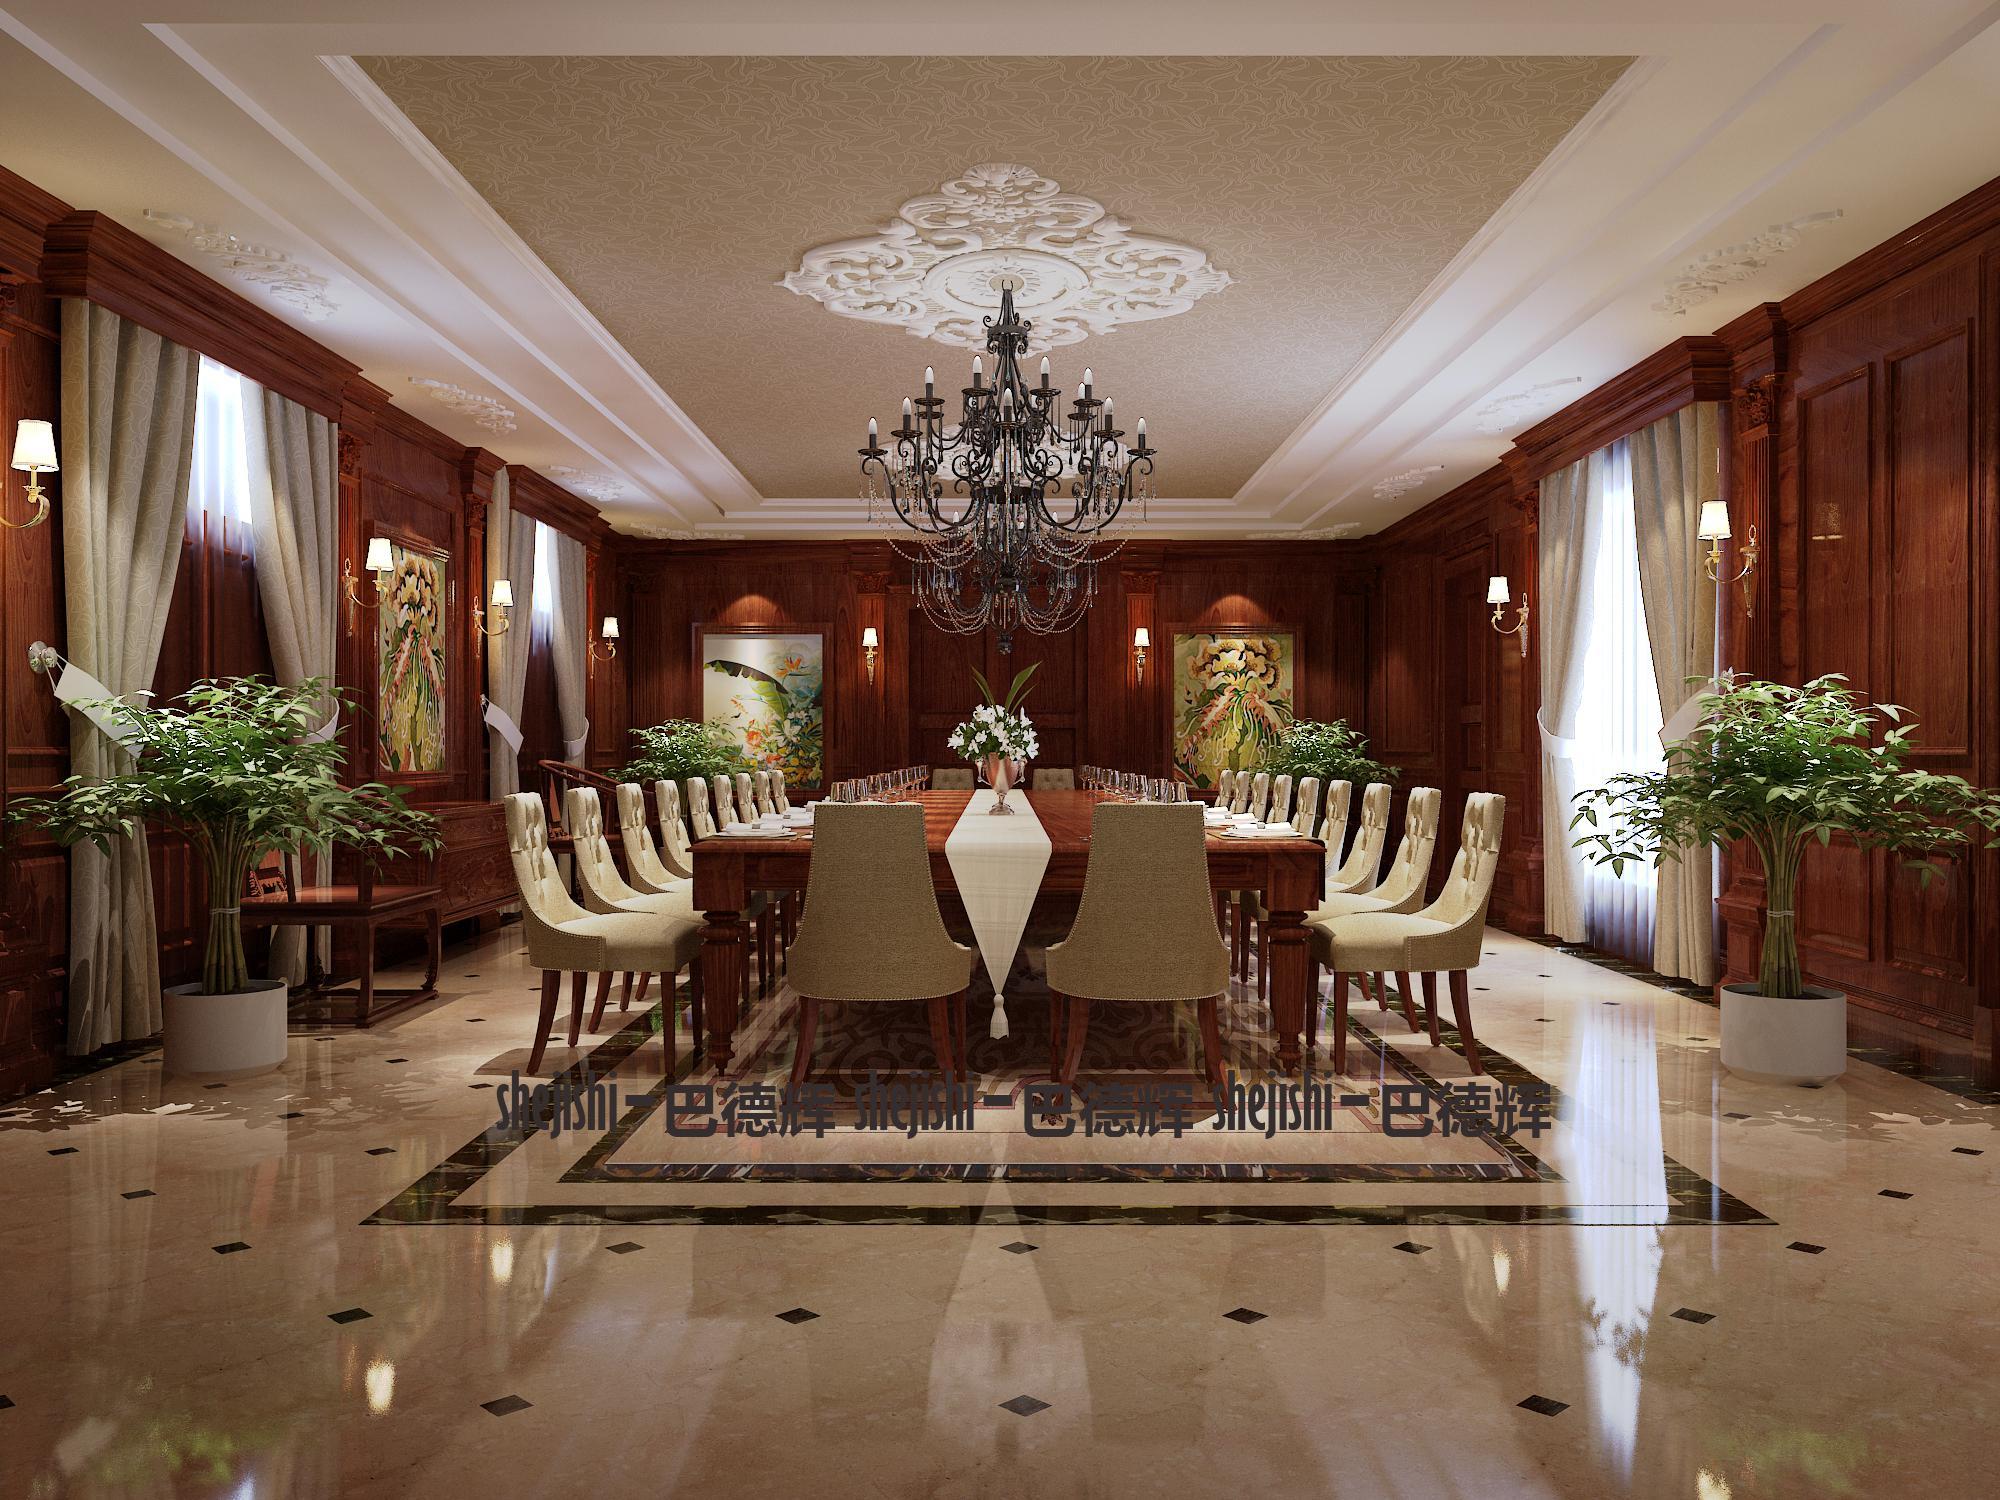 古典 别墅 典雅、端庄 时代特征 客厅图片来自北京精诚兴业装饰公司在桃花源2的分享